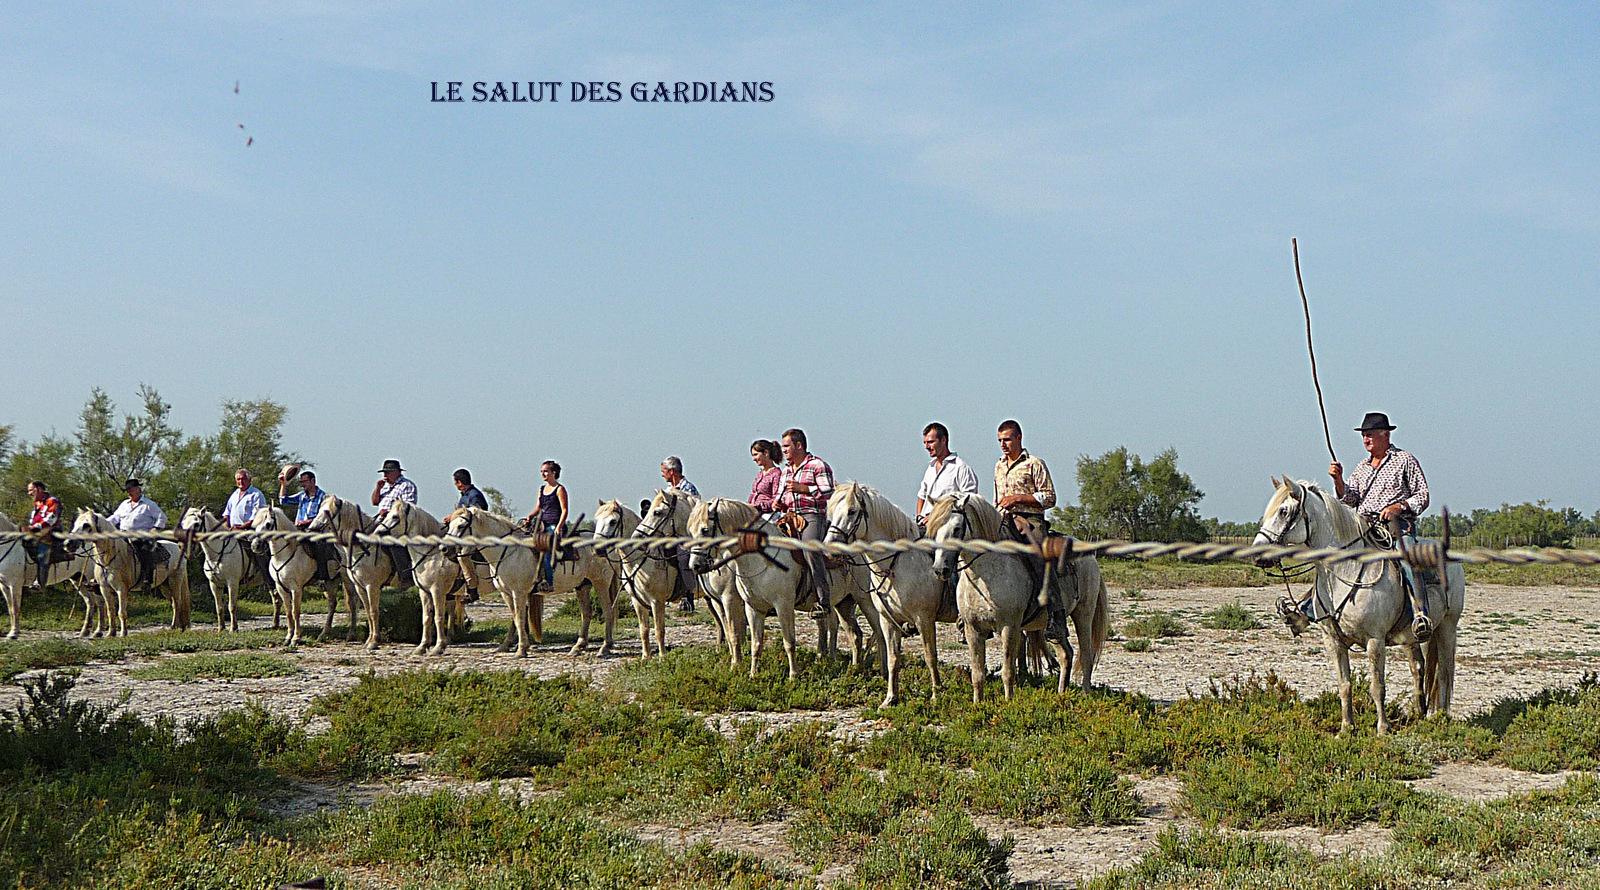 LE SALUT DES GARDIANS